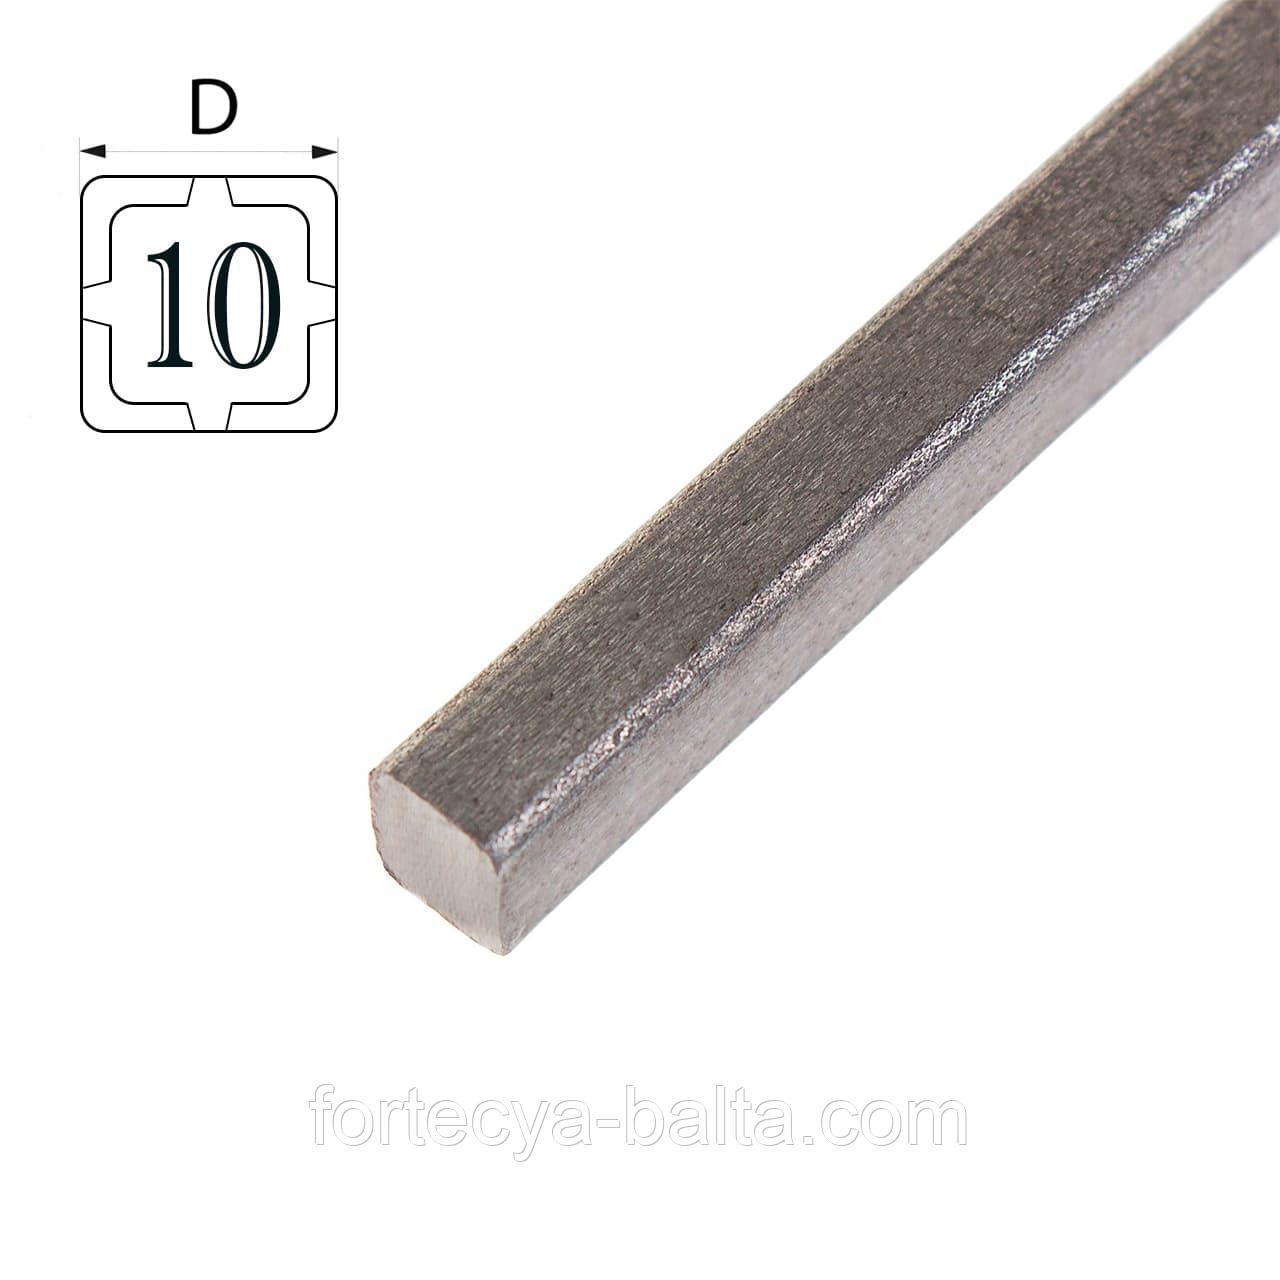 Квадрат металлический 10мм фото